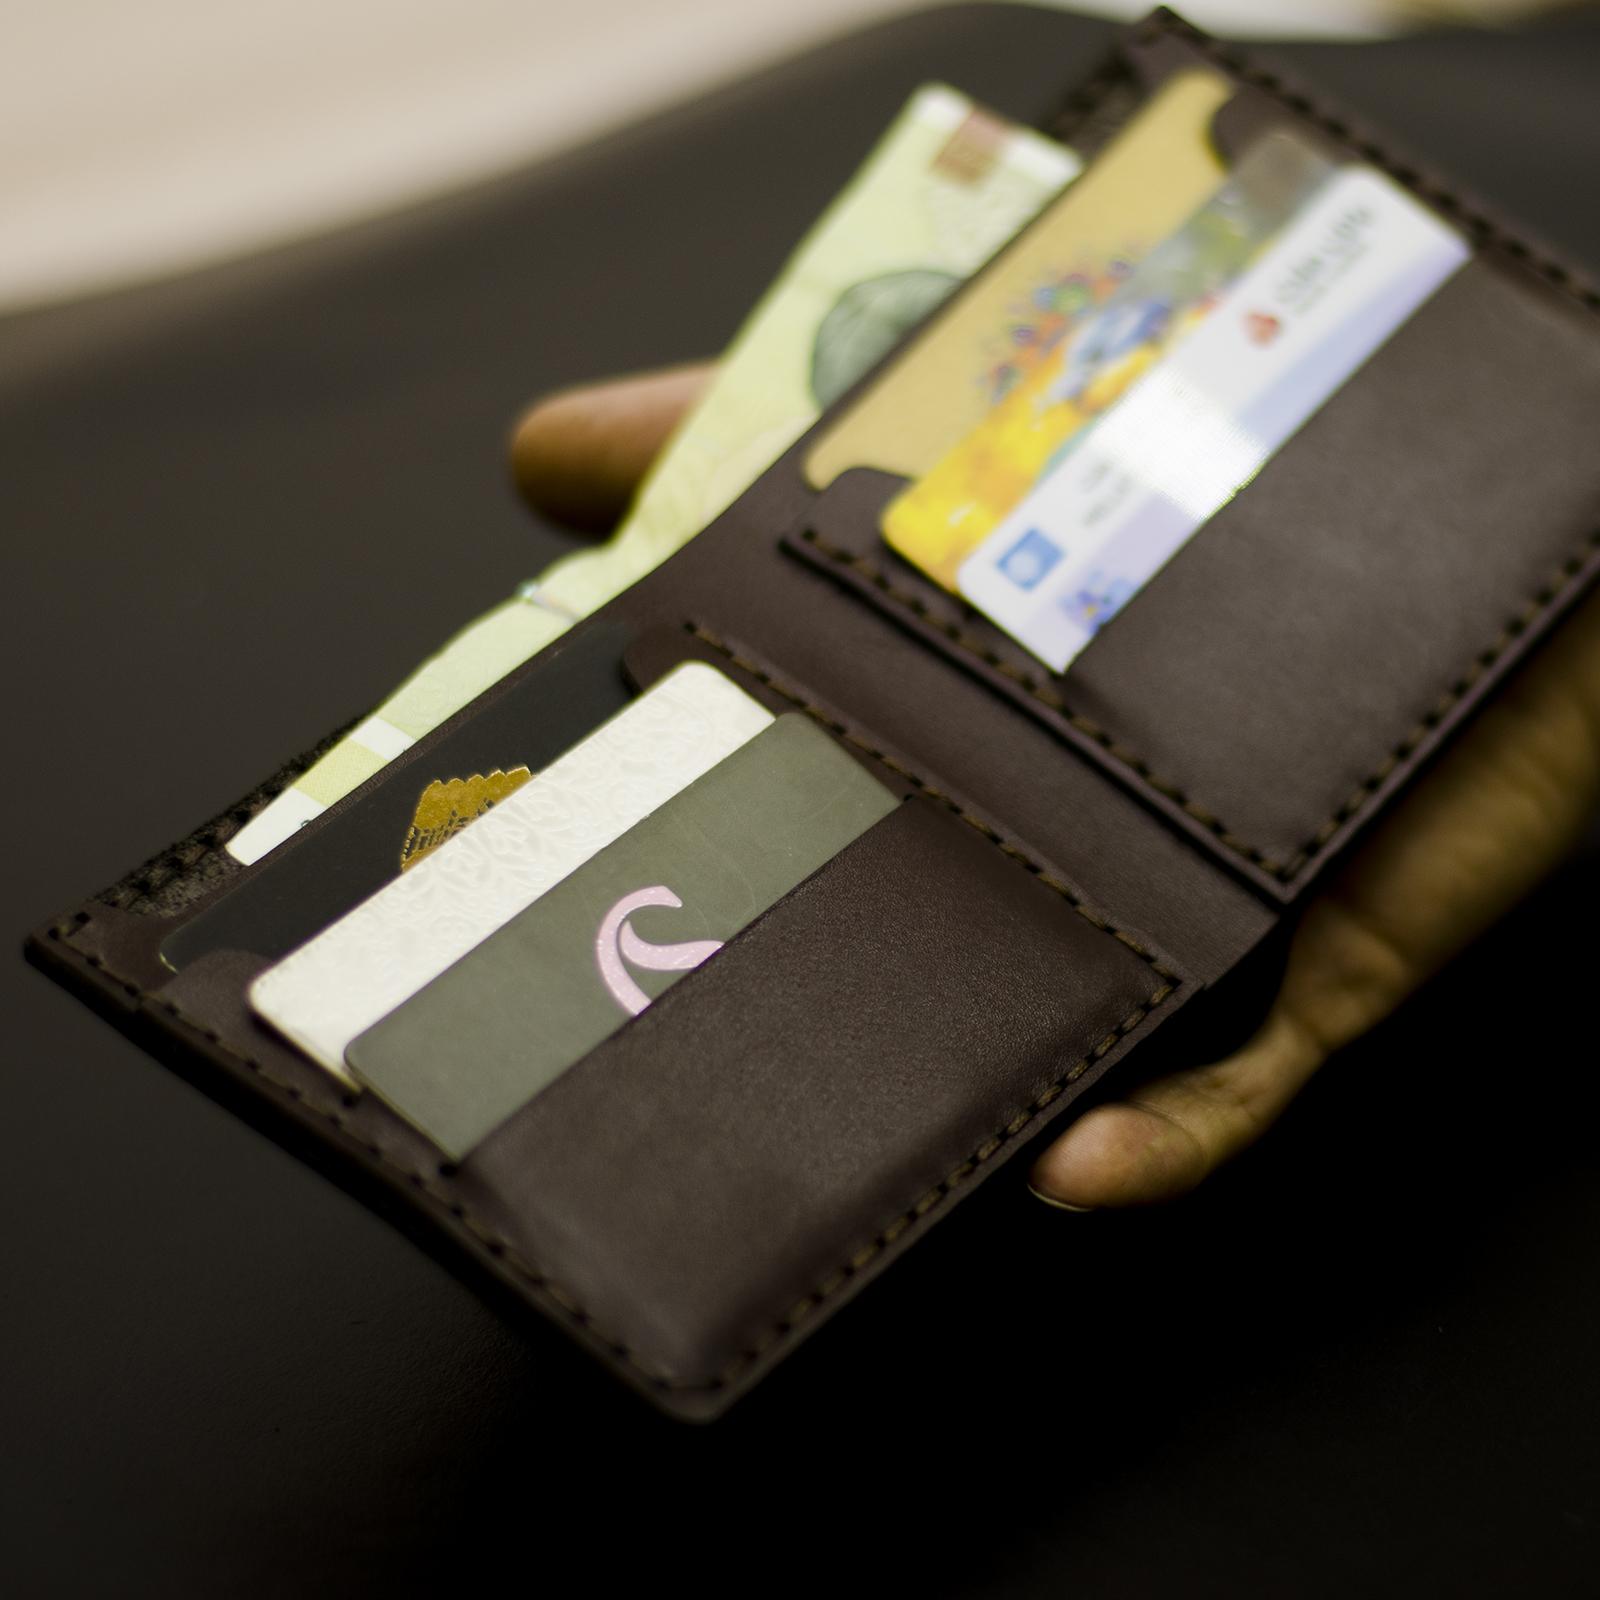 کیف پول مردانه چرمینه اسپرت طرح منچستریونایتد کد 7007 main 1 1